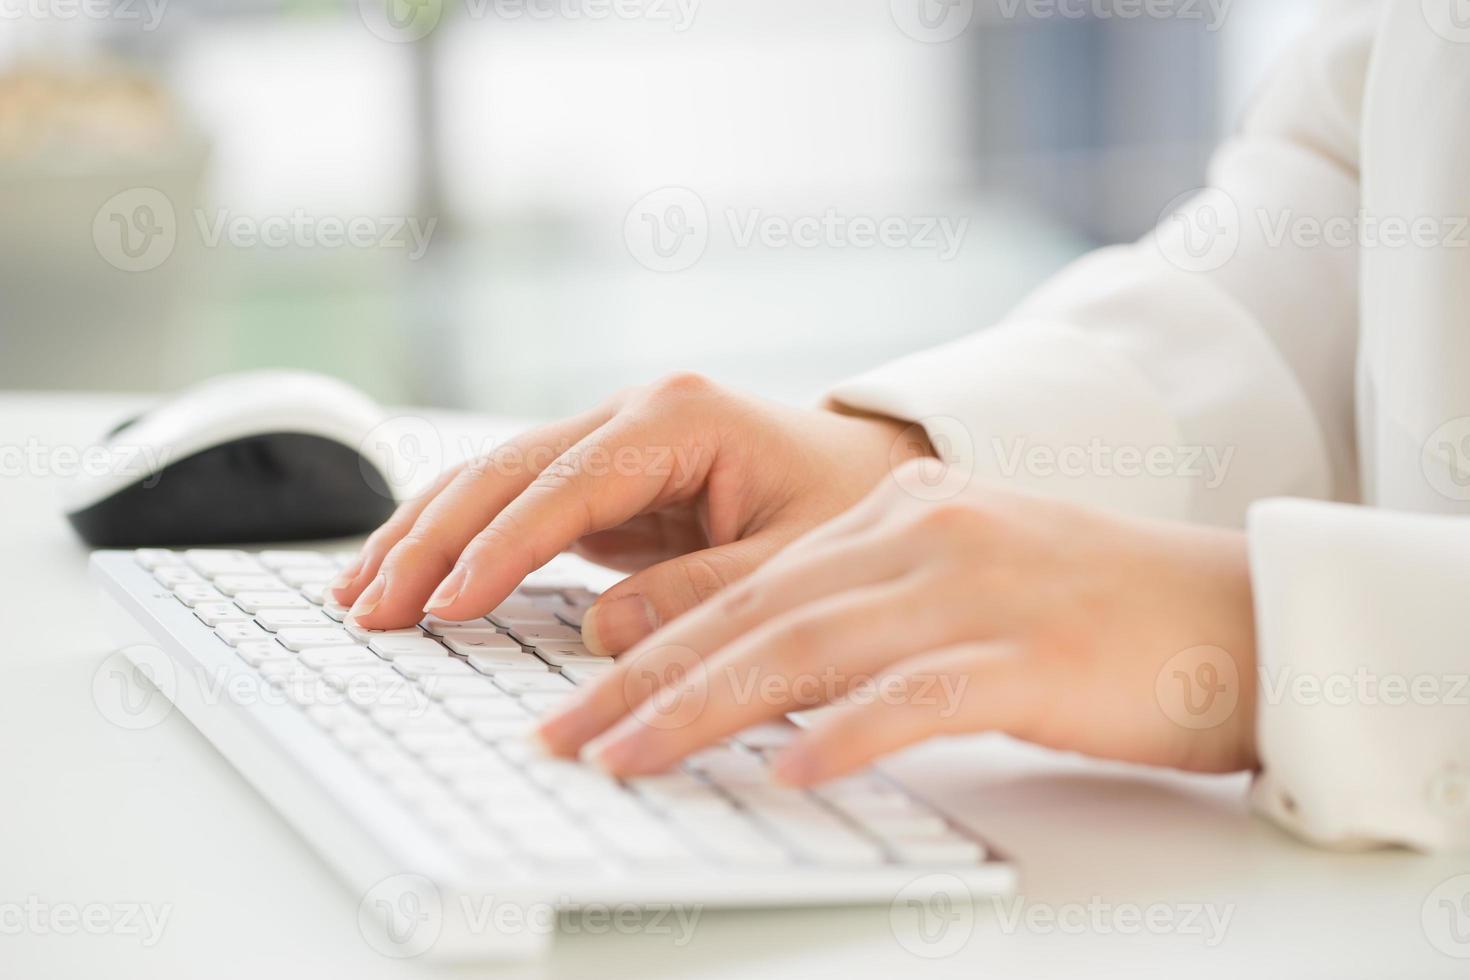 händerna på ett kontor kvinna att skriva tangentbordet med kreditkort foto